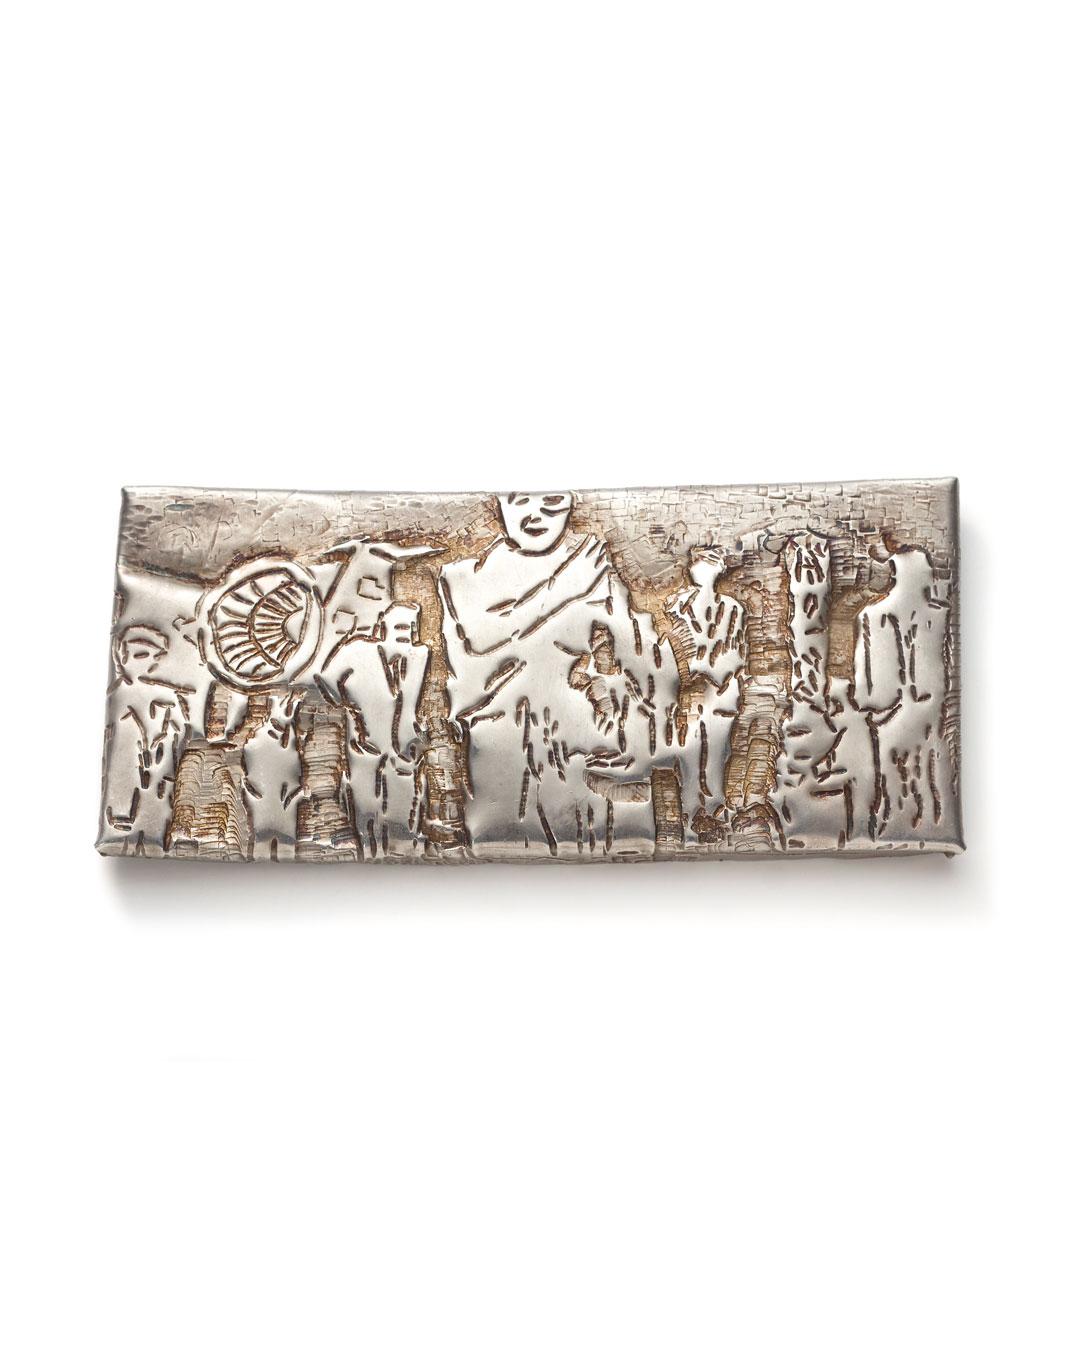 Rudolf Kocéa, Besuch (Bezoek), 2010, broche; zilver, 60 x 130 x 8 mm, €1460